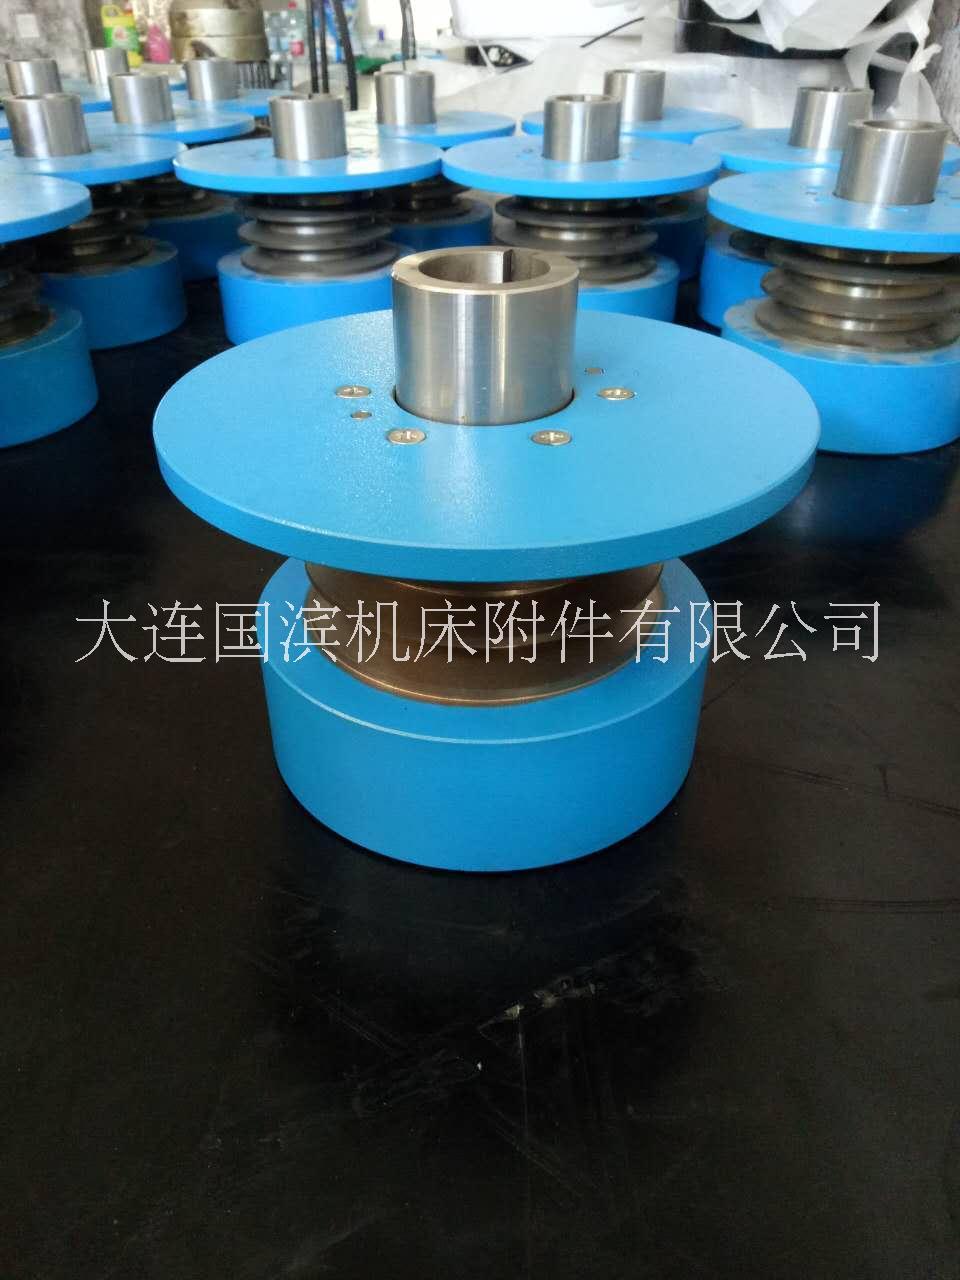 电磁制动器大连CKA6150机床电机刹车LL10-16DA制动器皮带轮